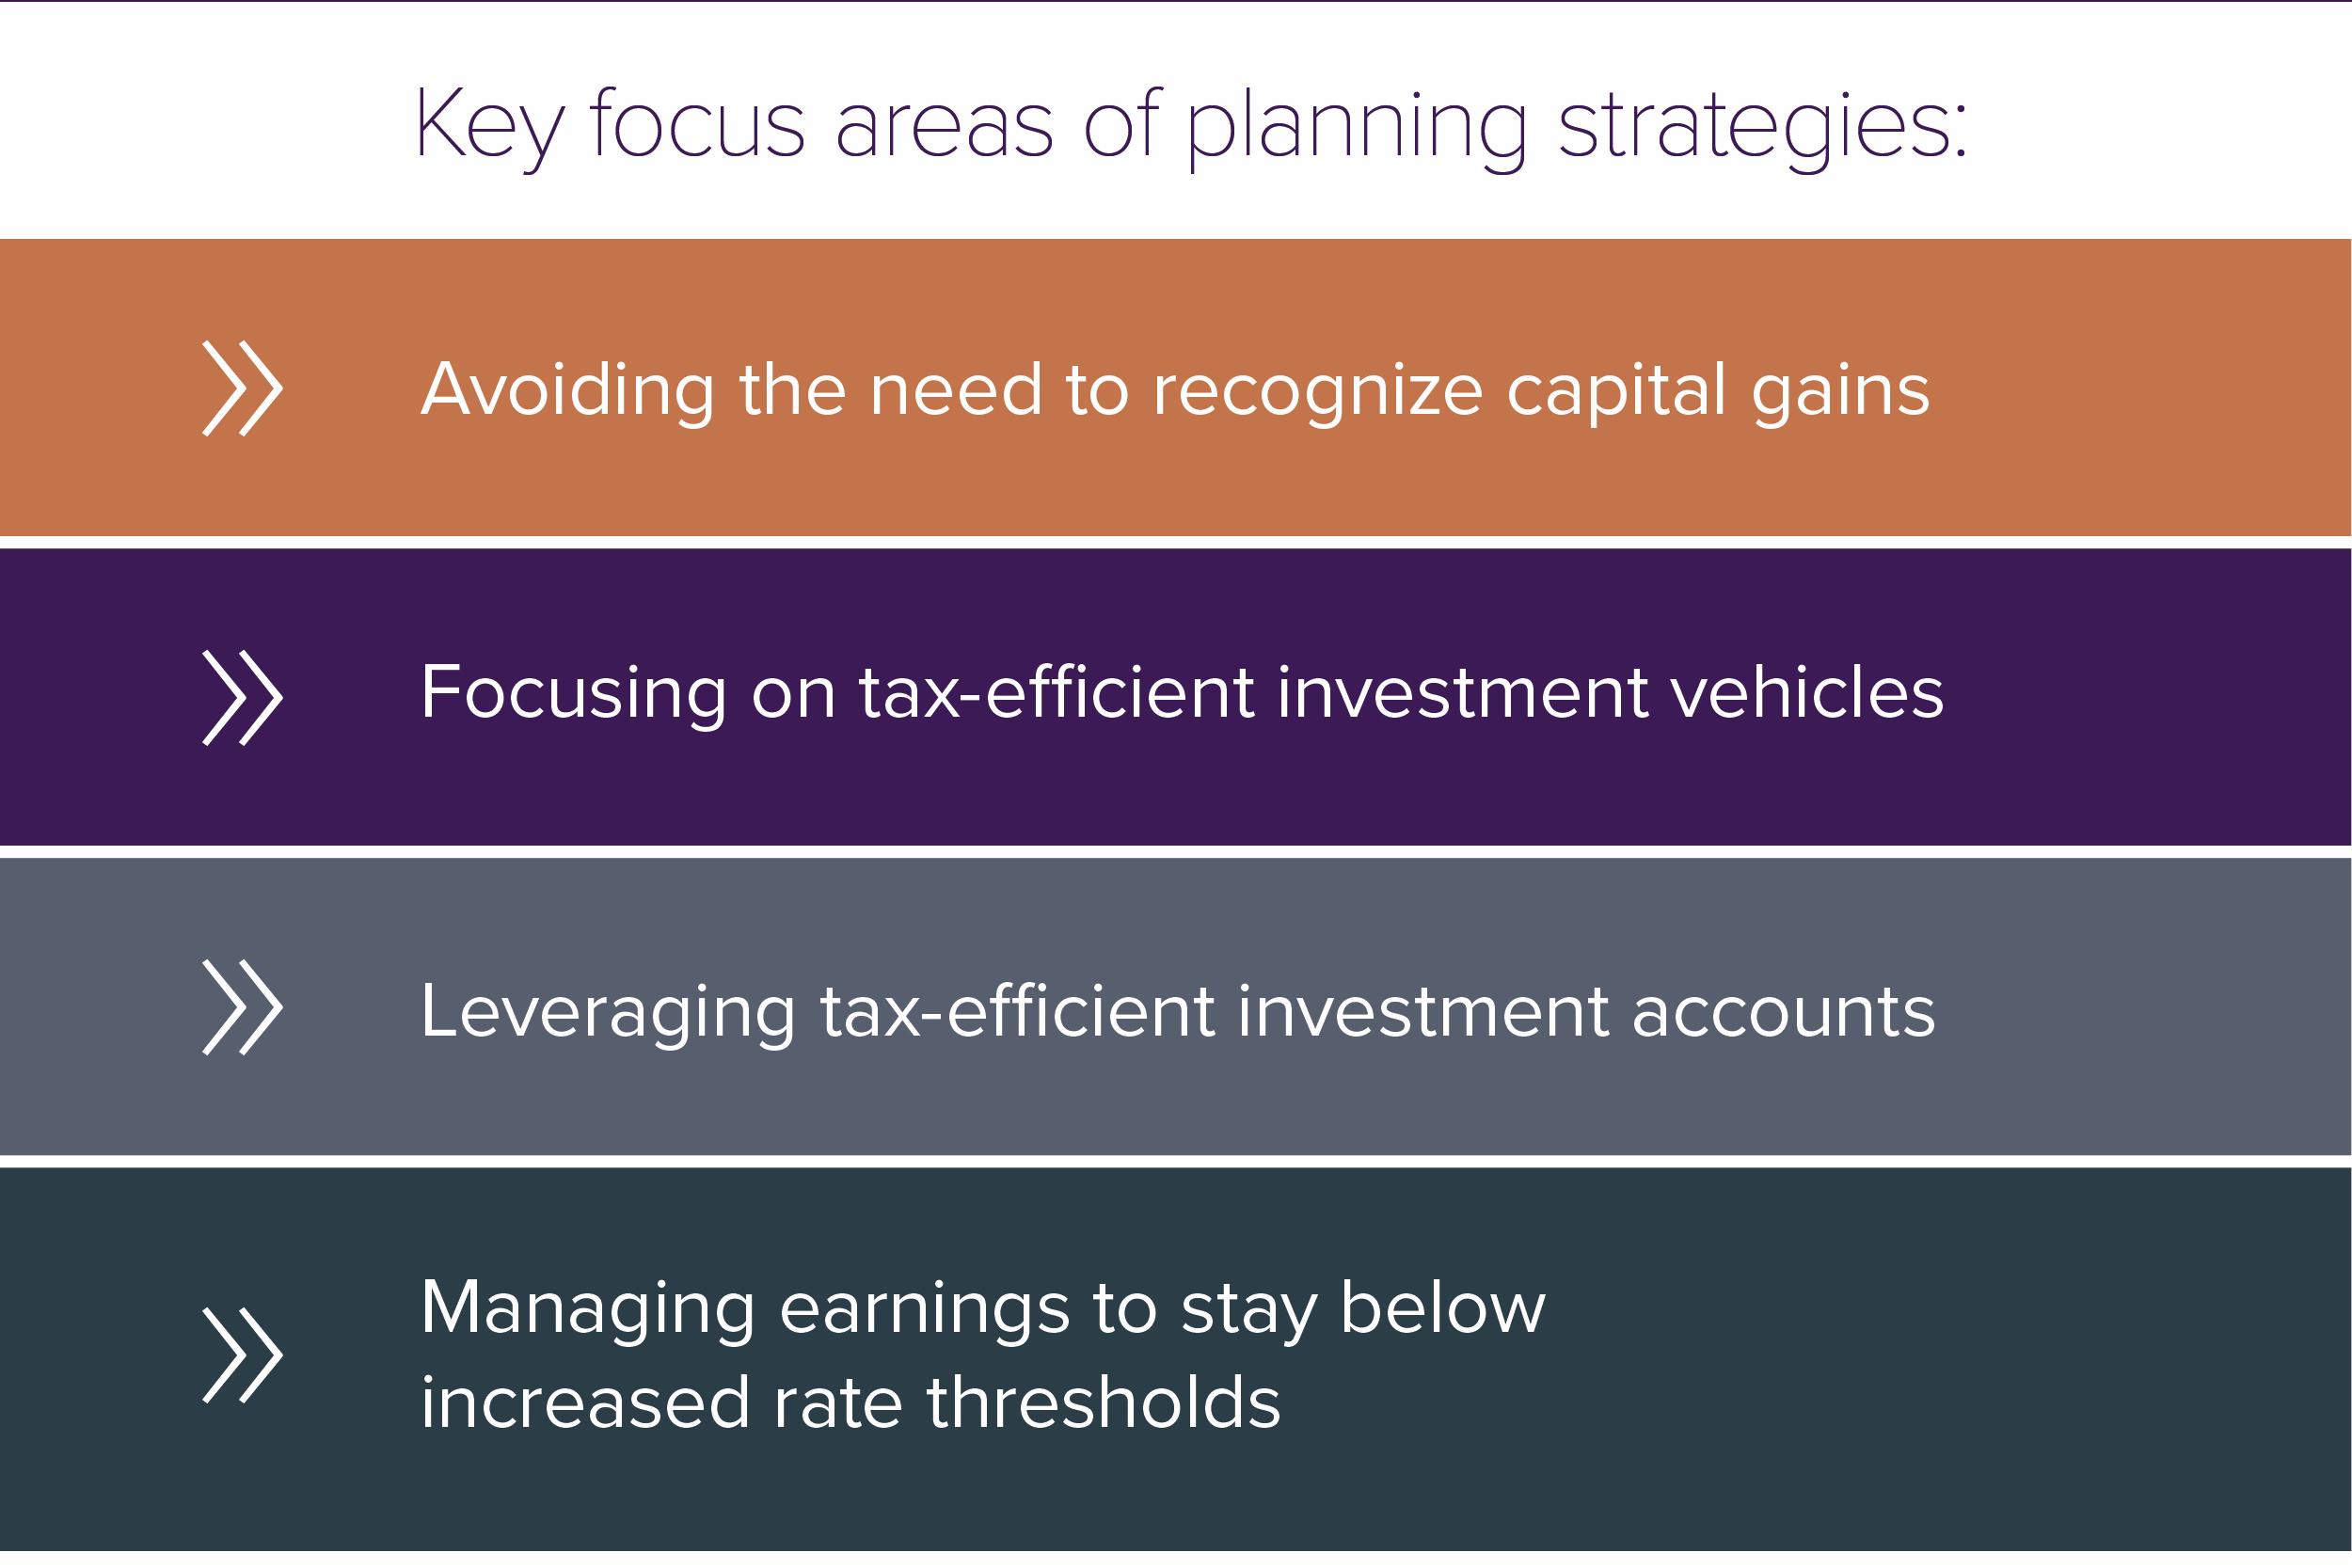 Key focus areas of planning strategies